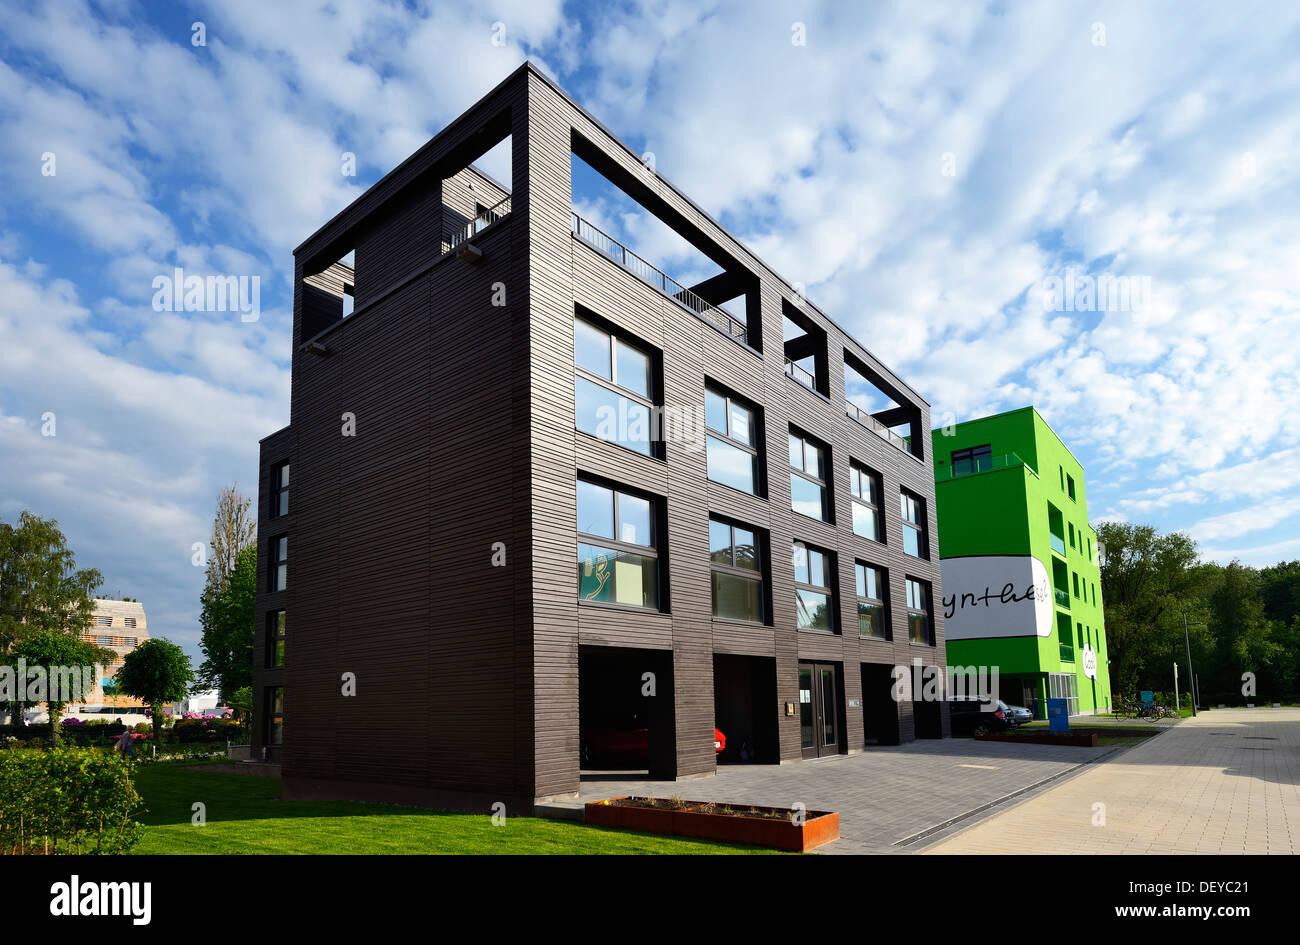 IBA de la construction du projet Étude de cas 1 dans le château de Wilhelm, Hambourg, Allemagne, Europe, IBA-Bauprojekt Étude de cas 1 à Wilhelmsburg, De Photo Stock